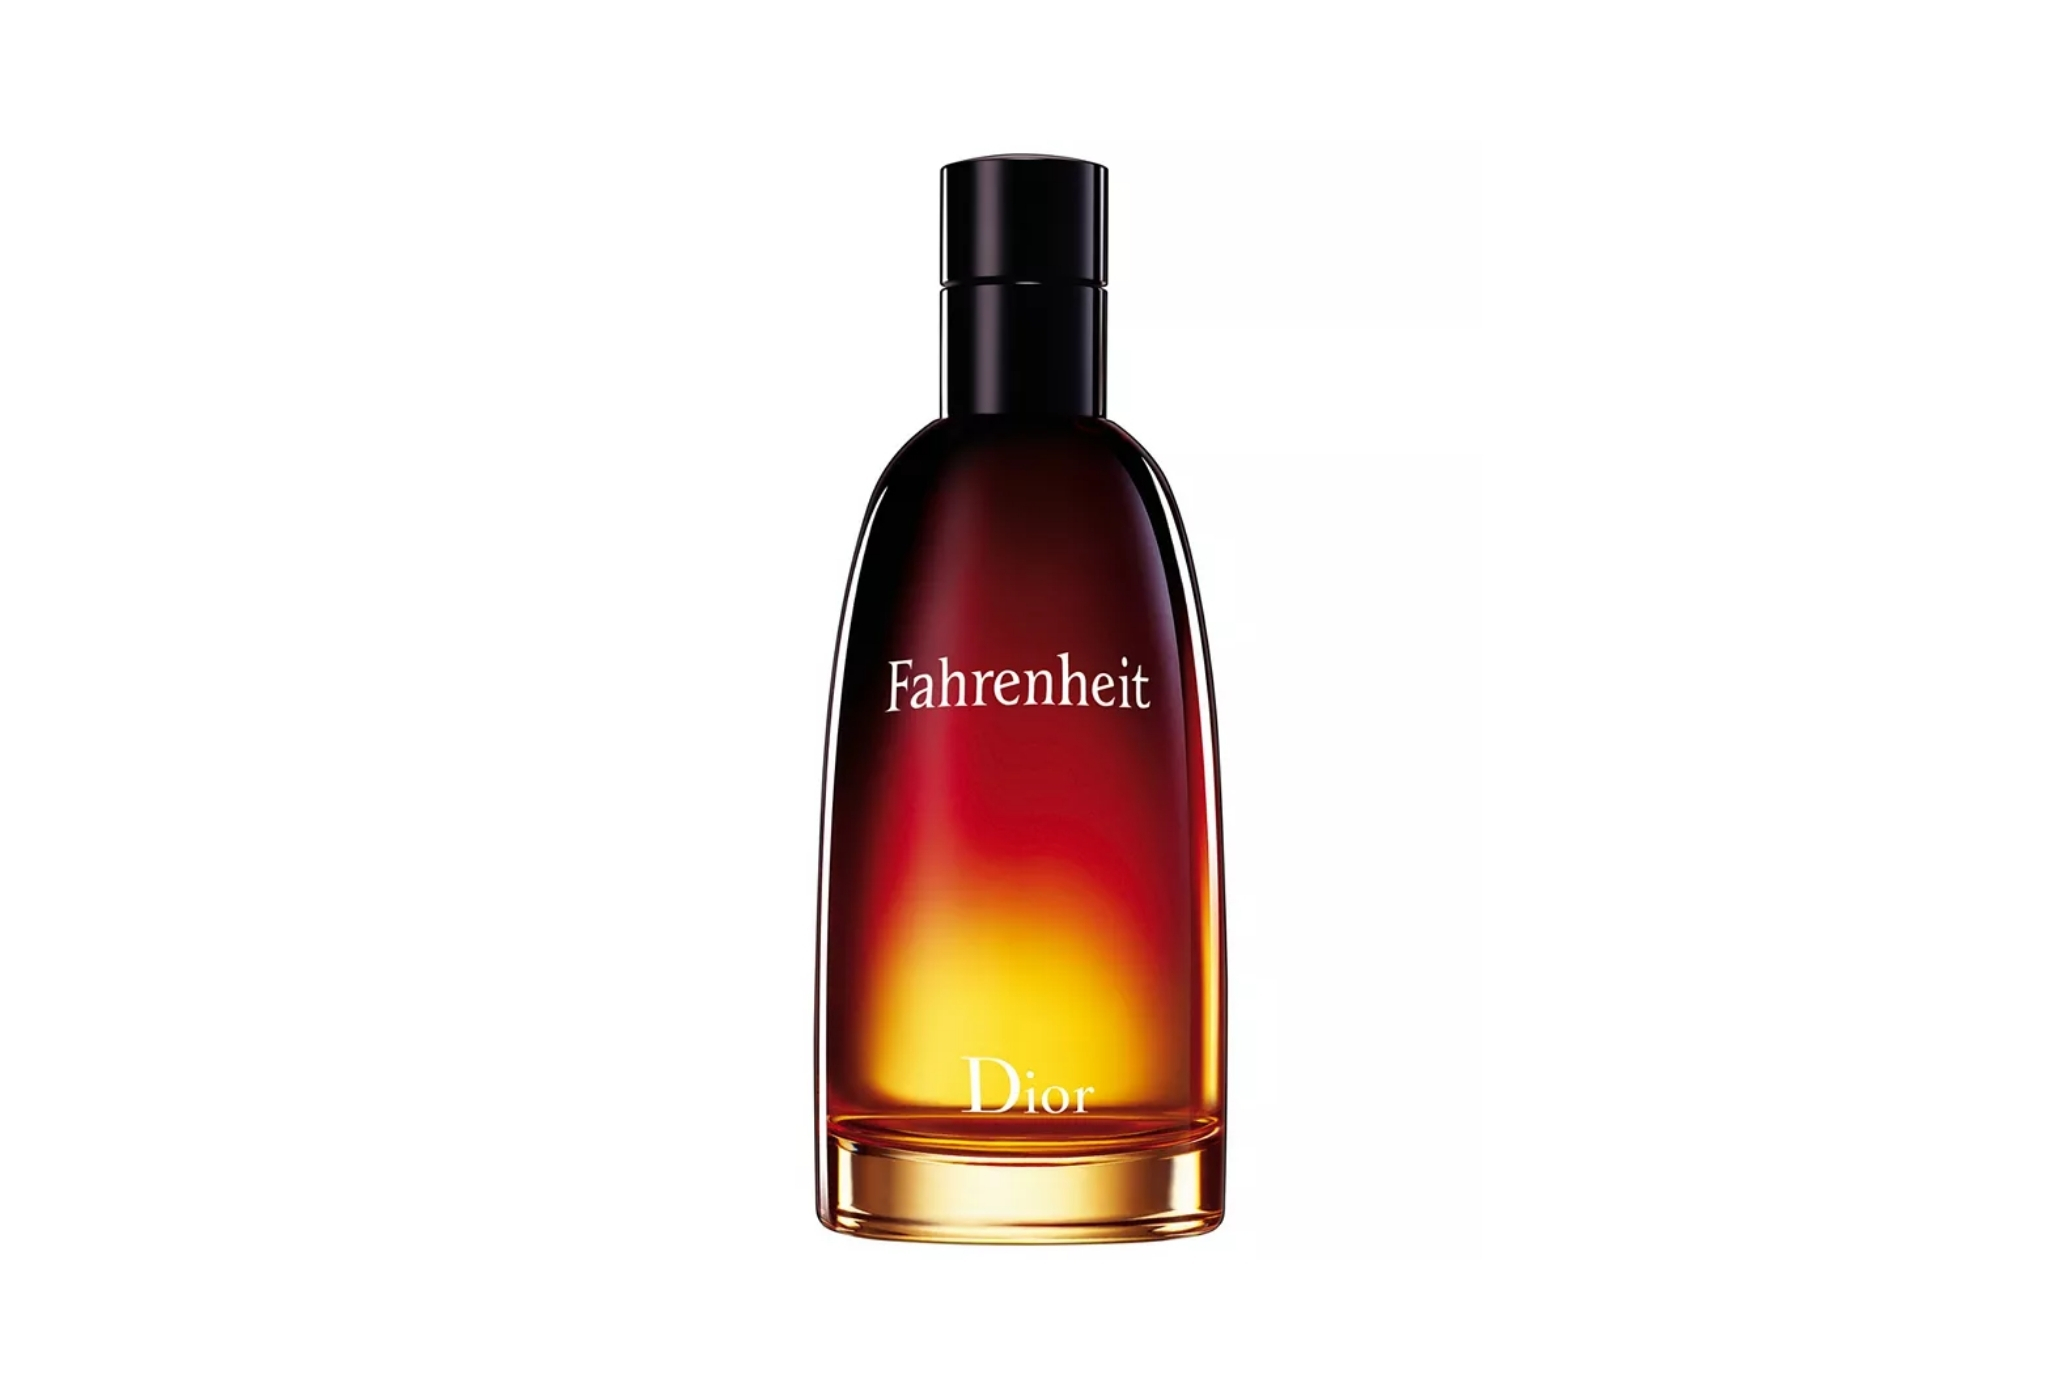 Dior Fahrenheit - colônias masculinas mais elogiadas